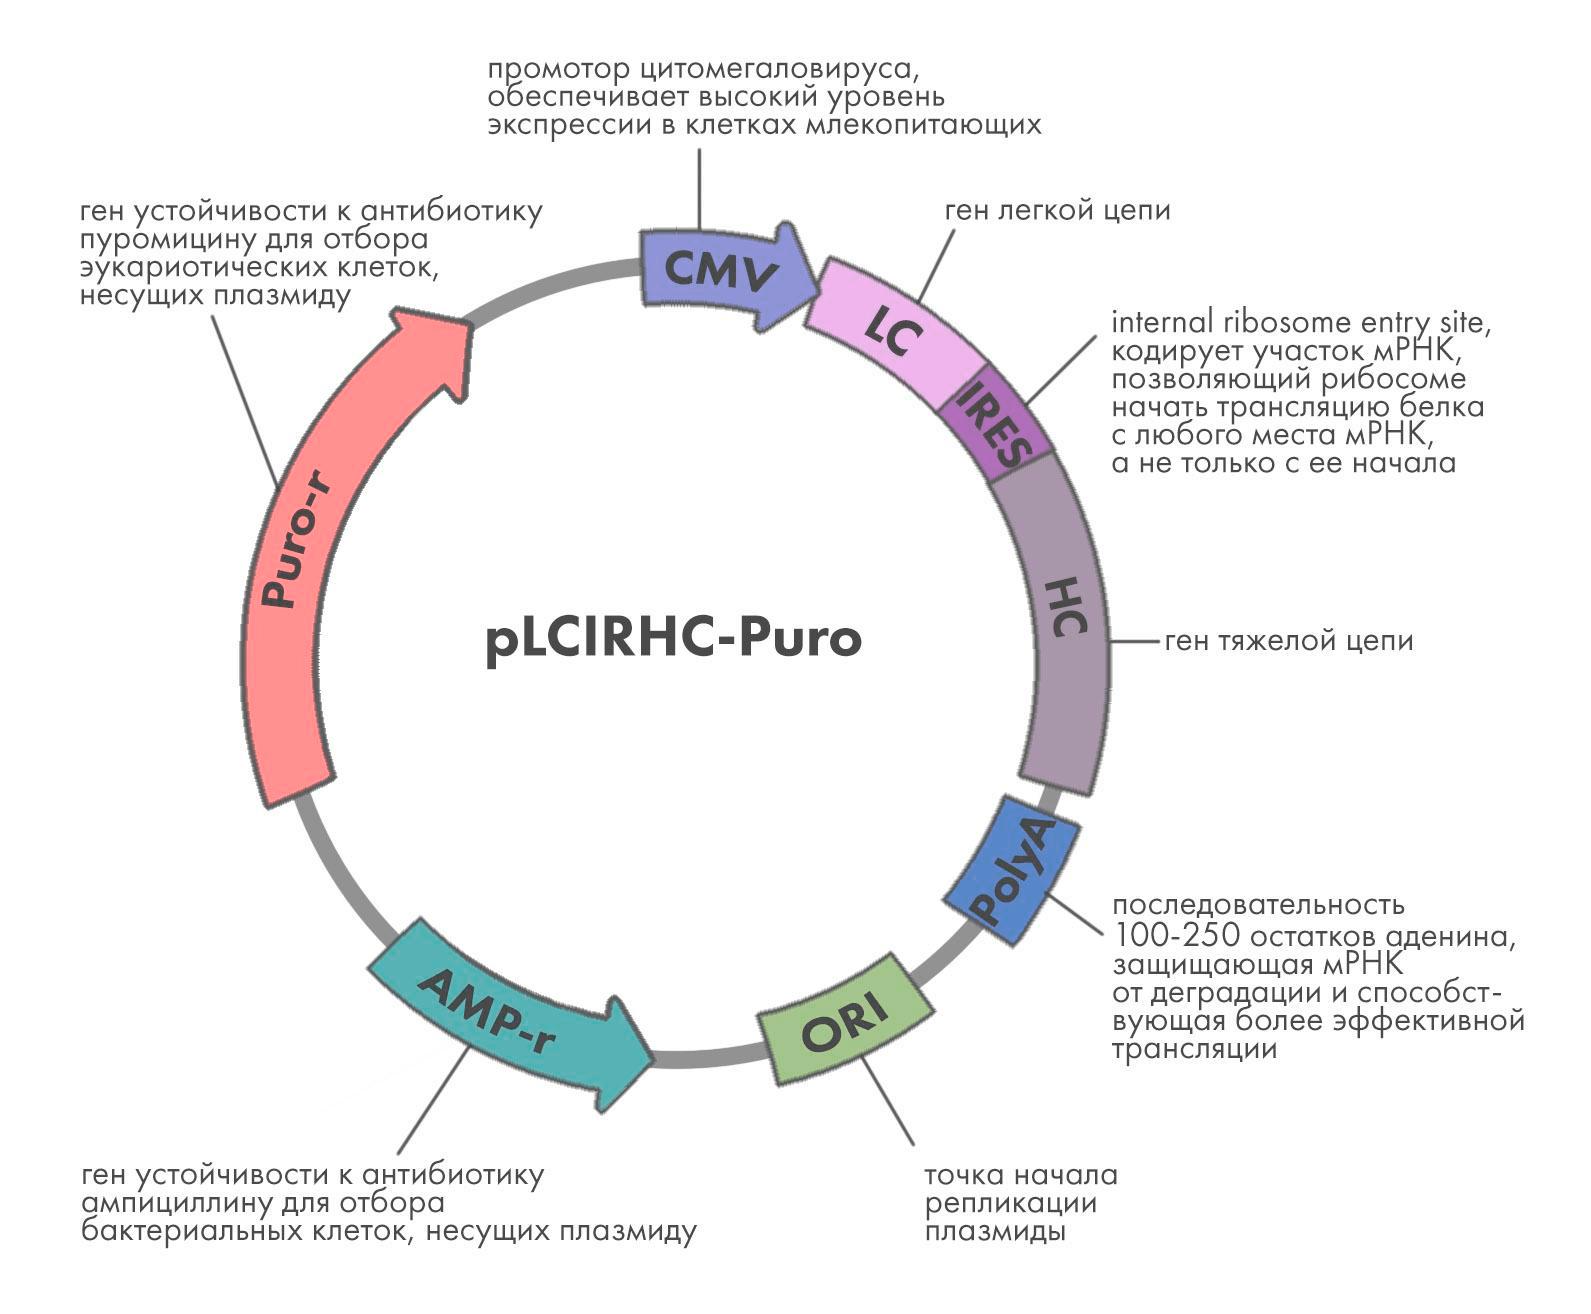 Схема плазмиды для экспрессии антител в клетках млекопитающих